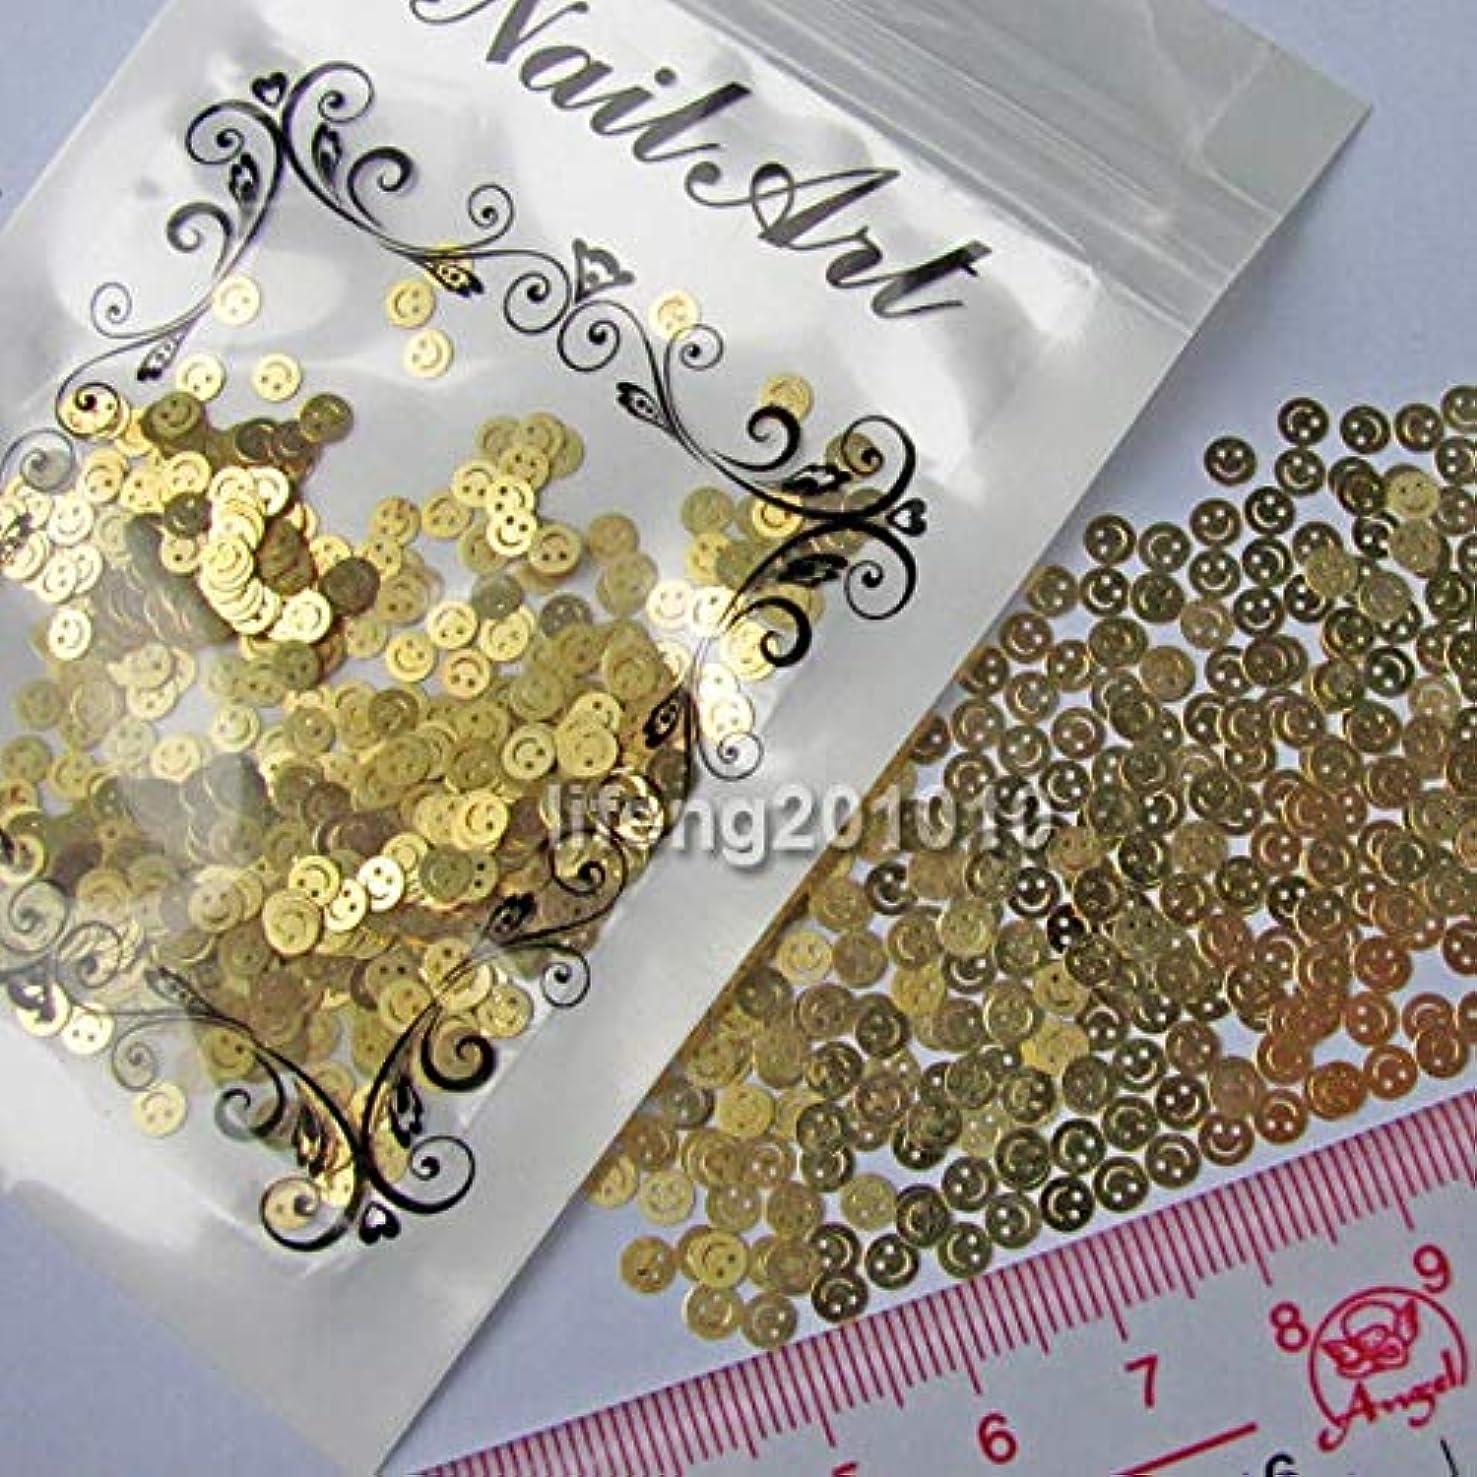 パーフェルビッド母音くつろぐFidgetGear ネイルアートの美用具のための金色のスマイリーの金属のステッカーの先端の装飾